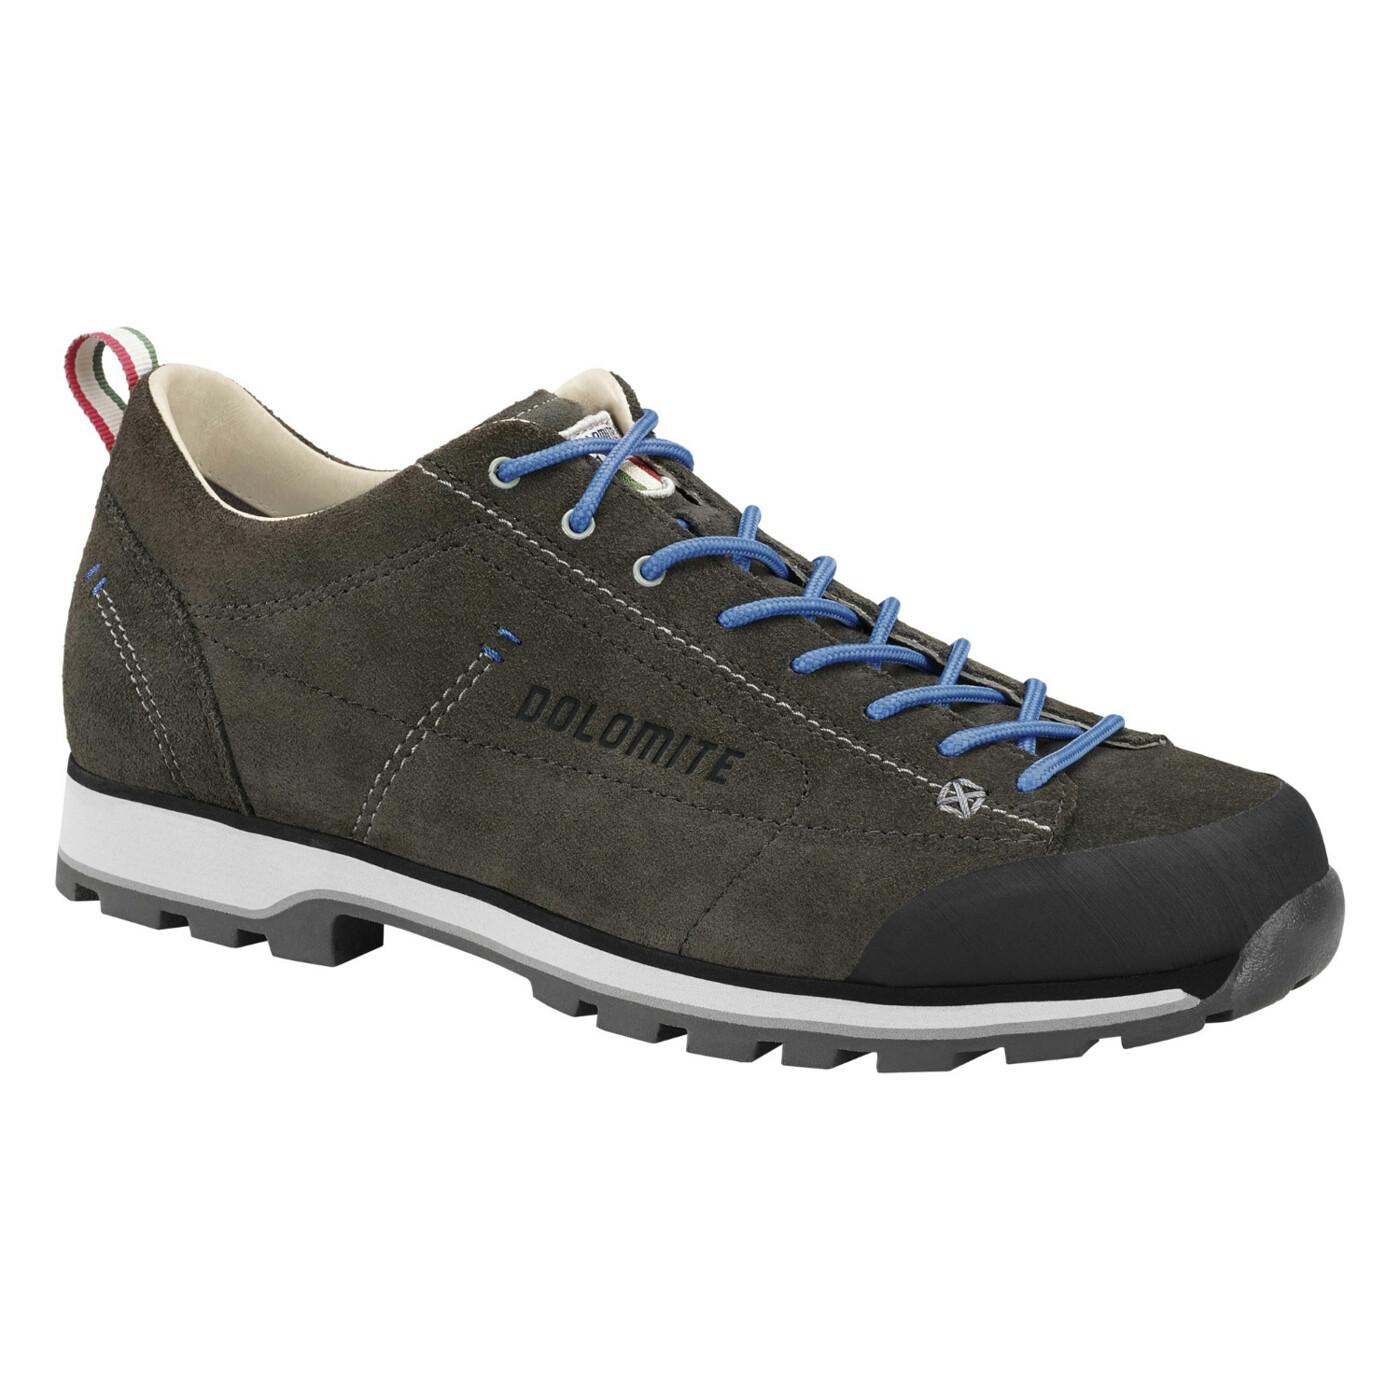 DOLOMITE DOL Shoe Cinquantaquattro Low Scott - Herren